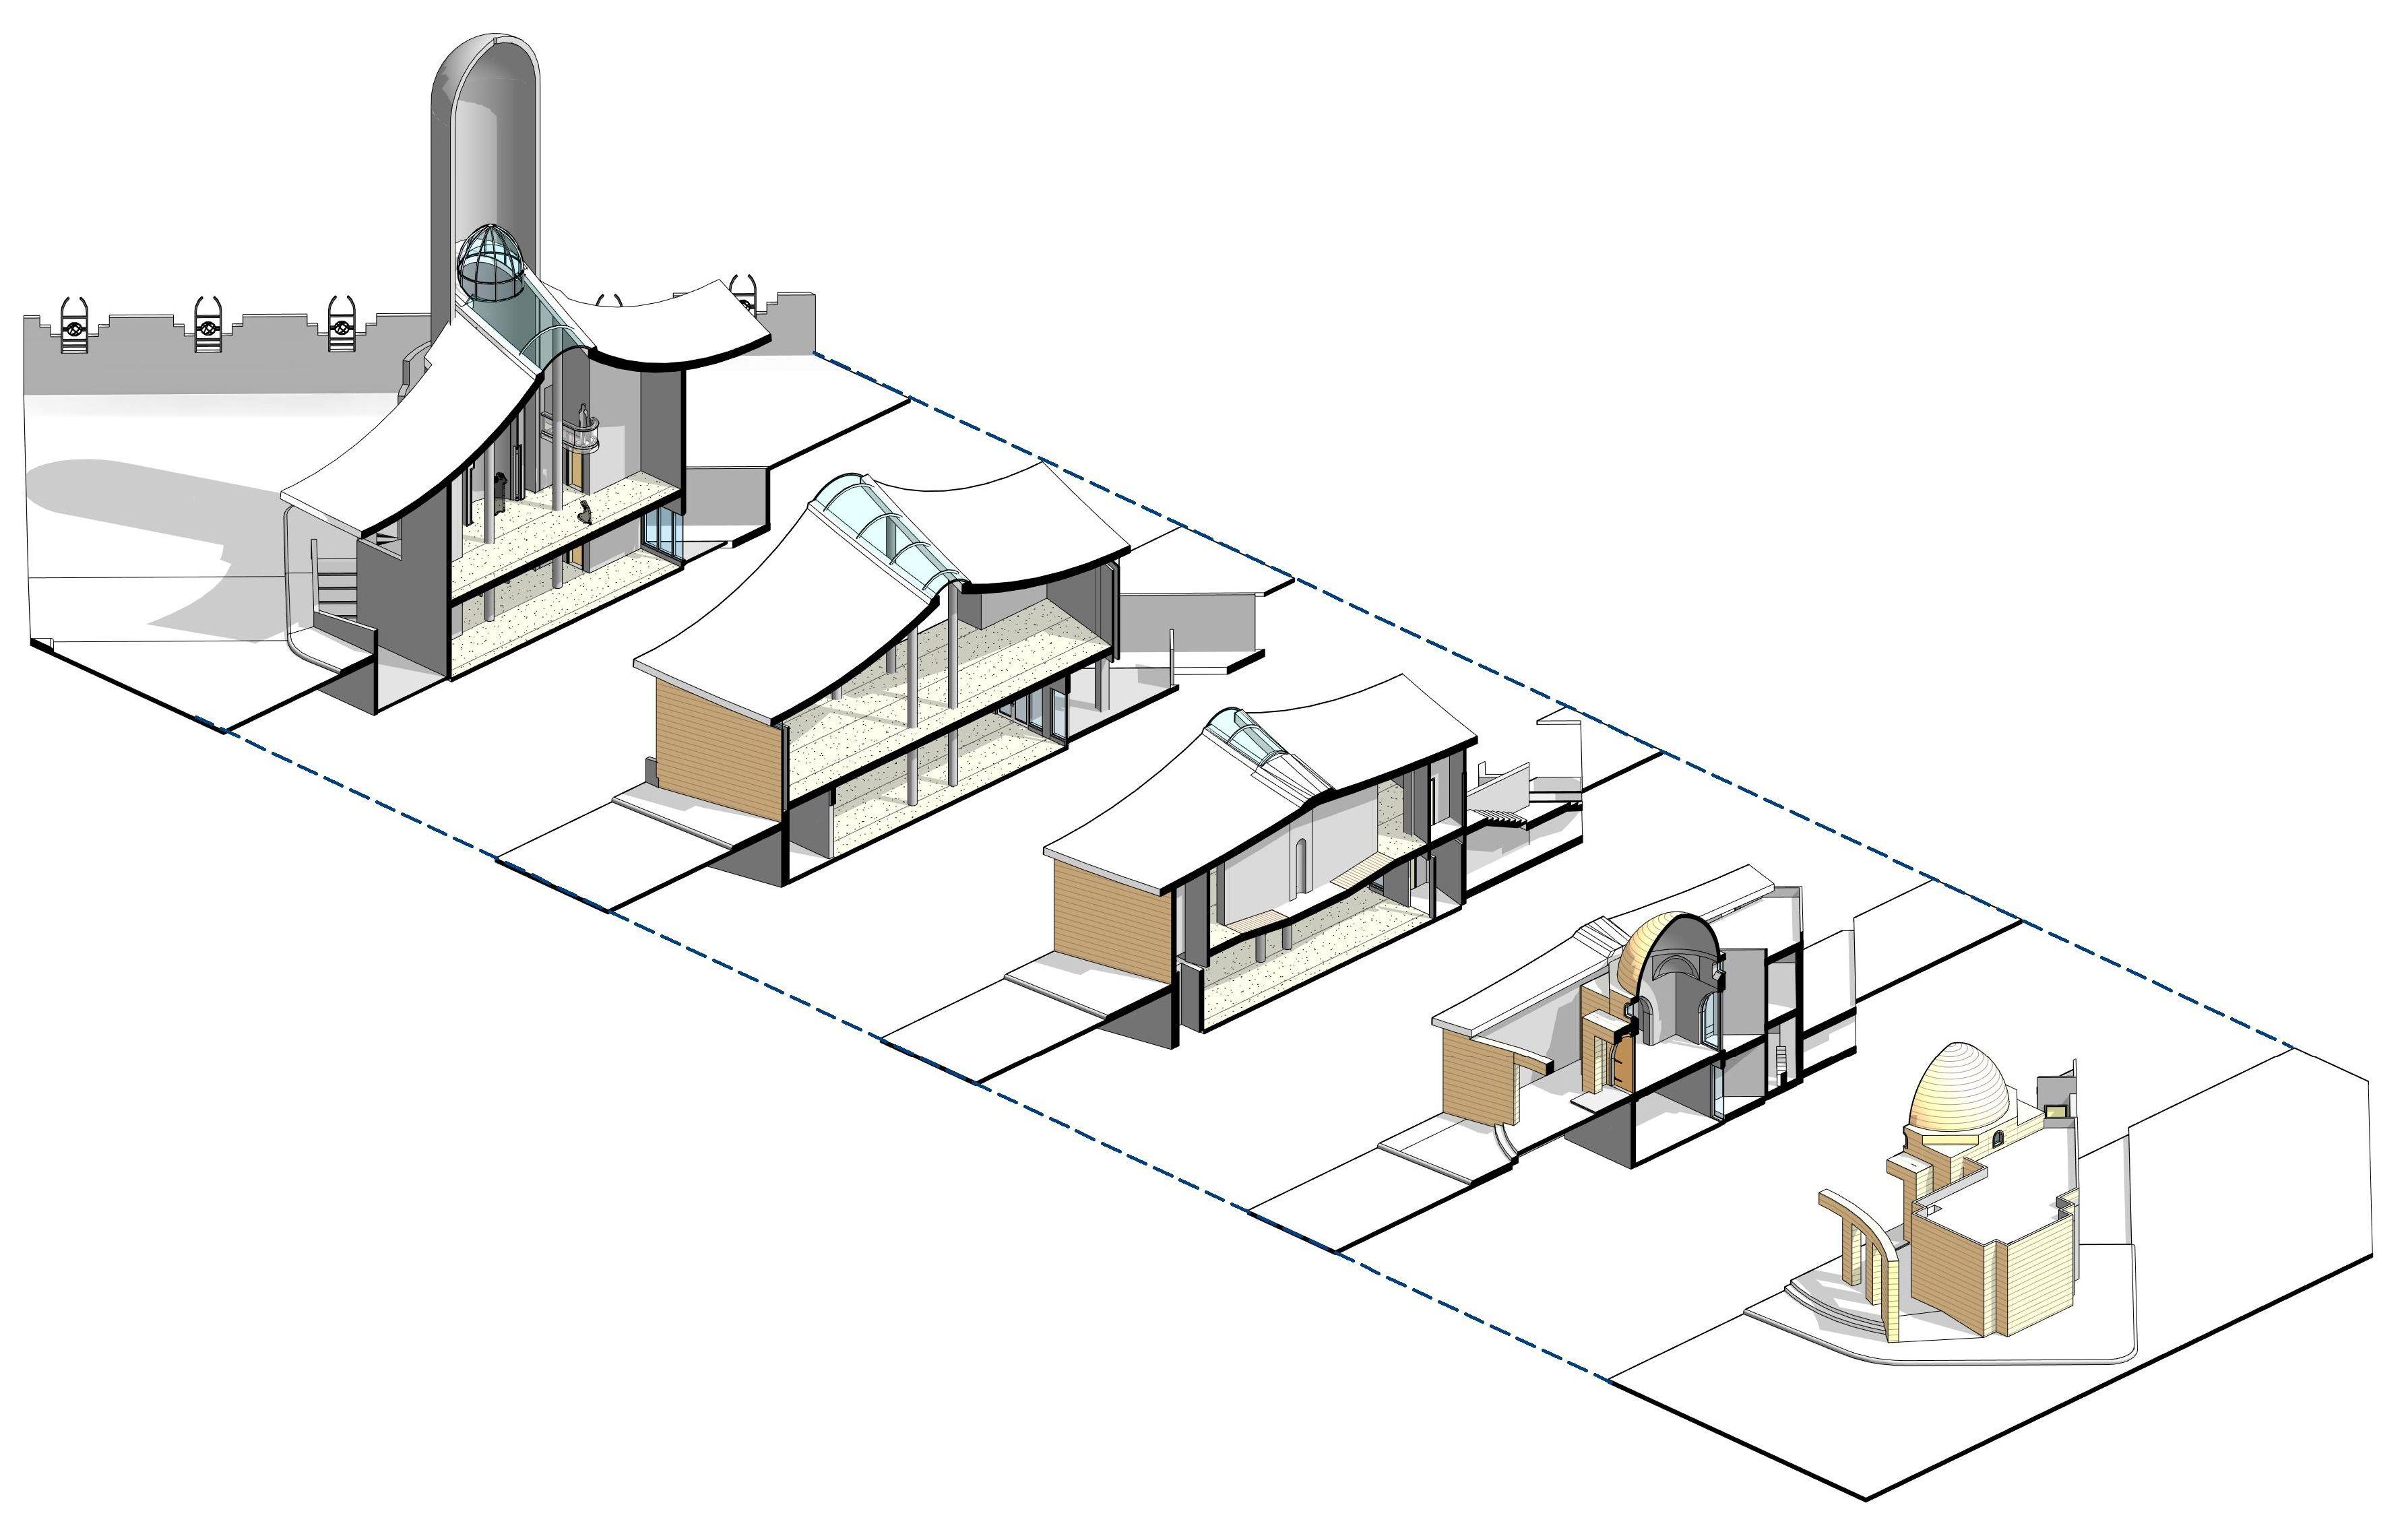 3d Diagram By Revit Revit Tutorial Architecture Revit